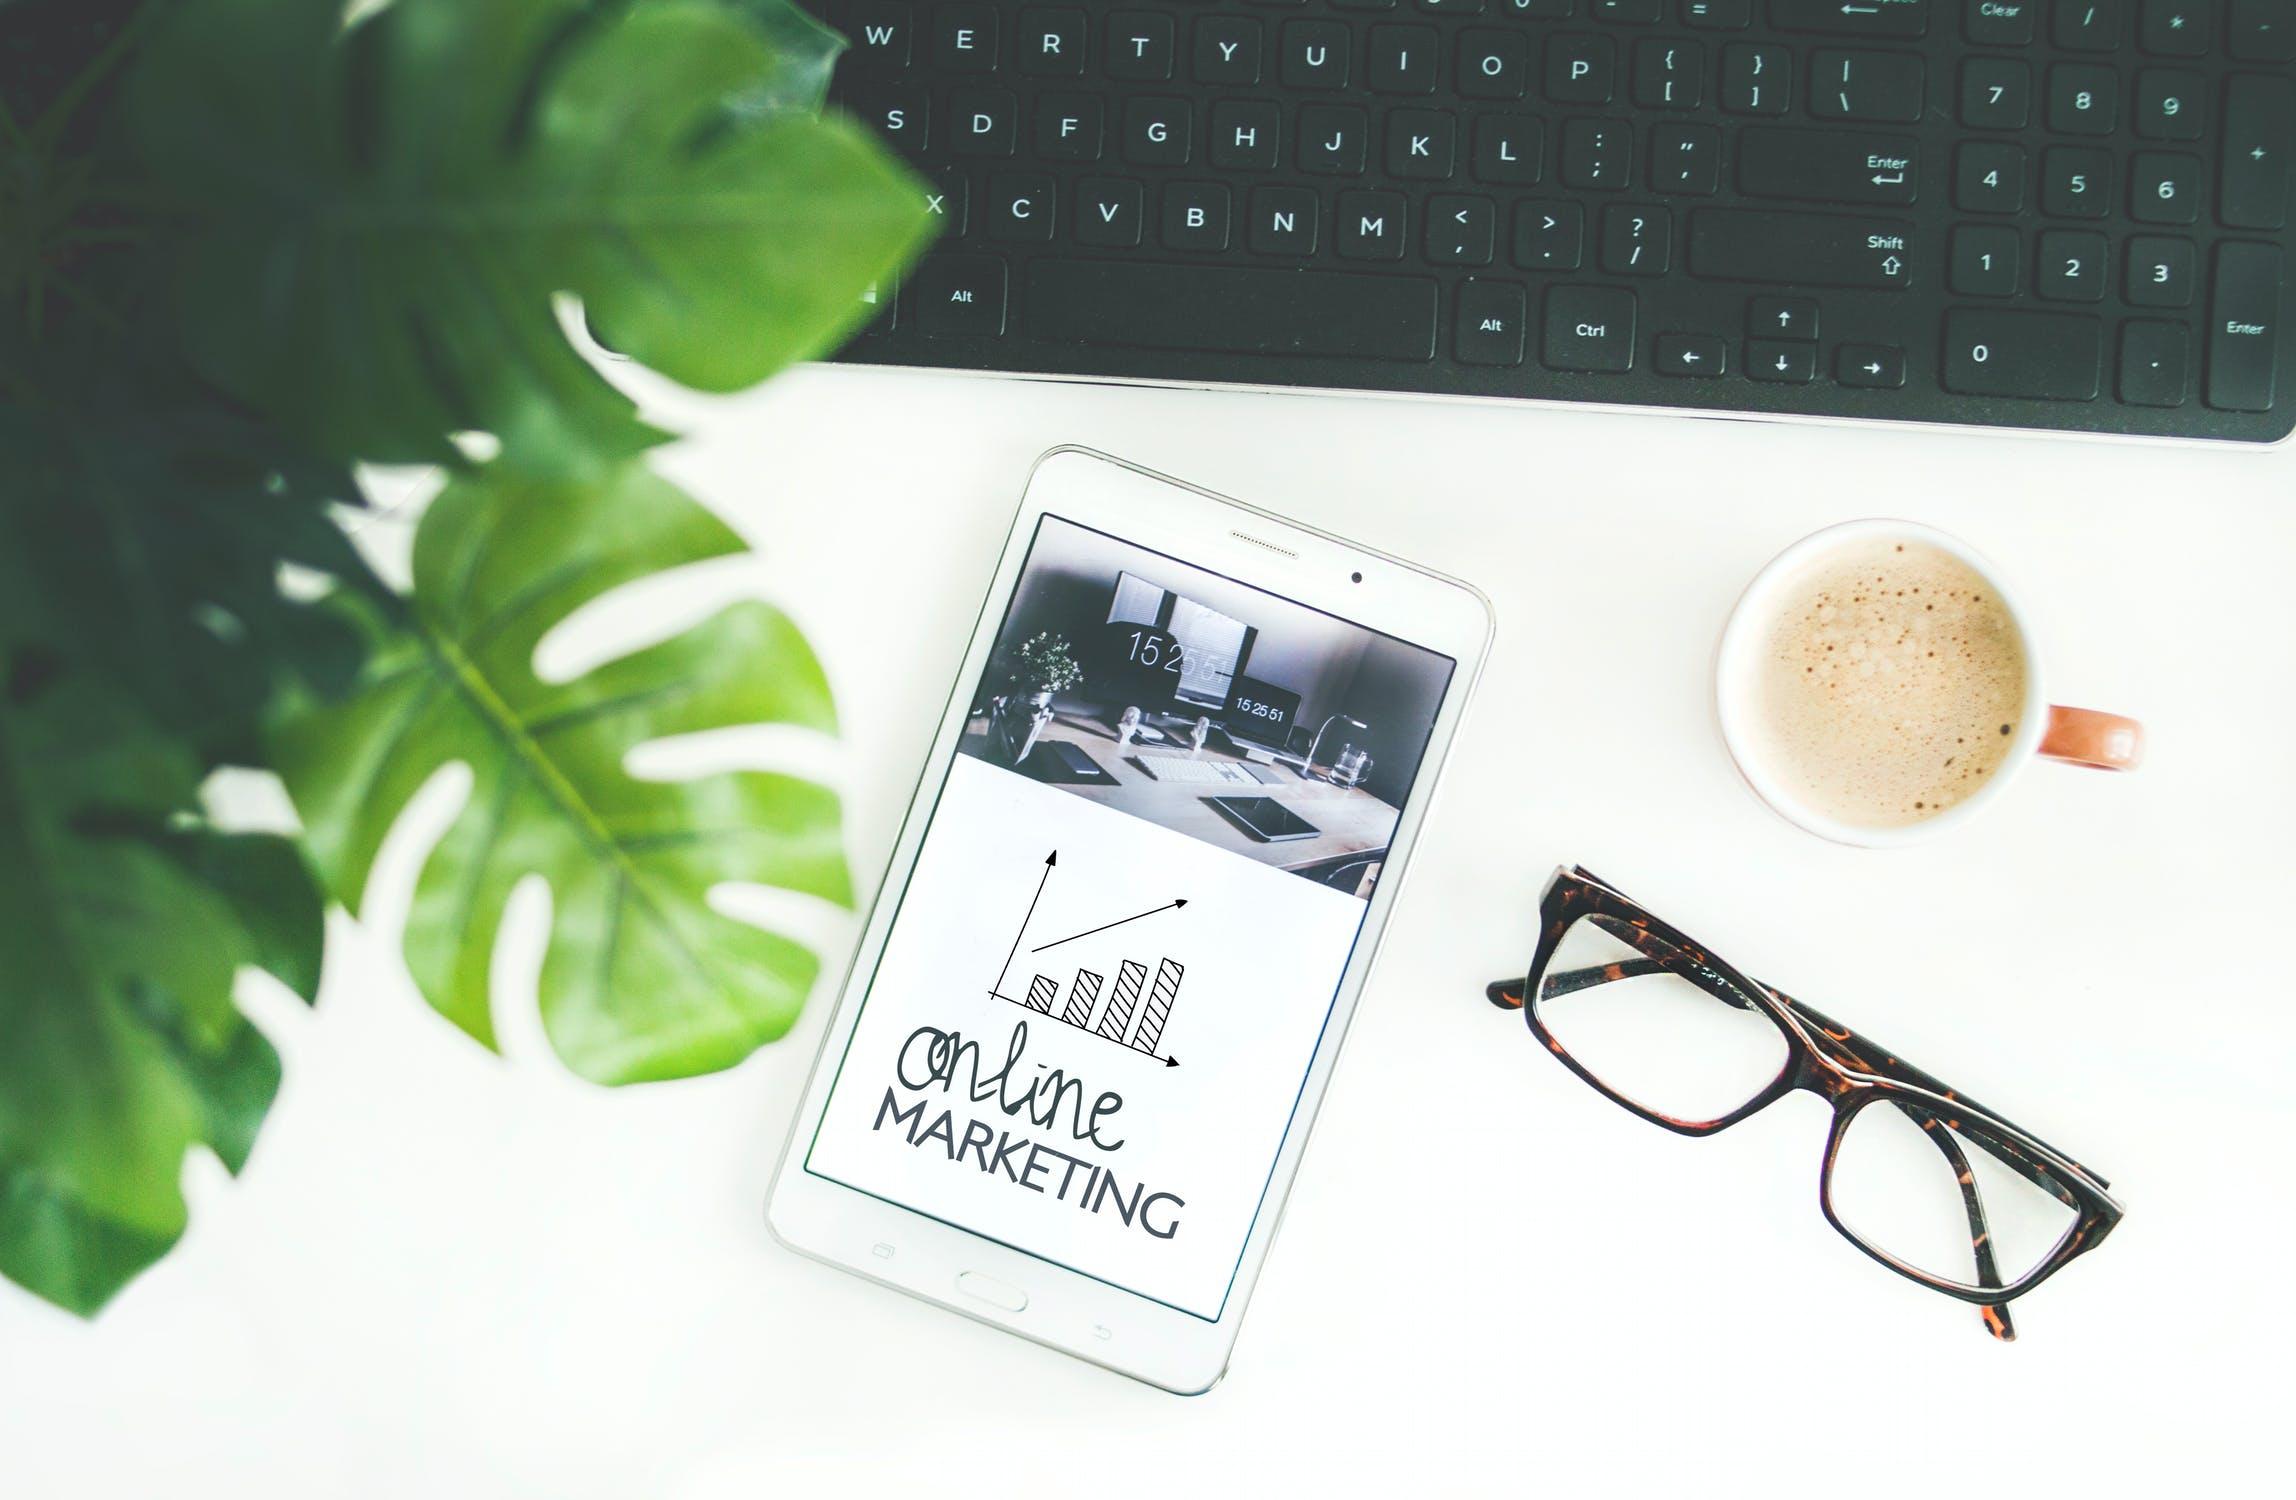 Mit unserem Performance Marketing schaffen wir online immer wieder Berührungspunkte mit Ihrer Zielgruppe